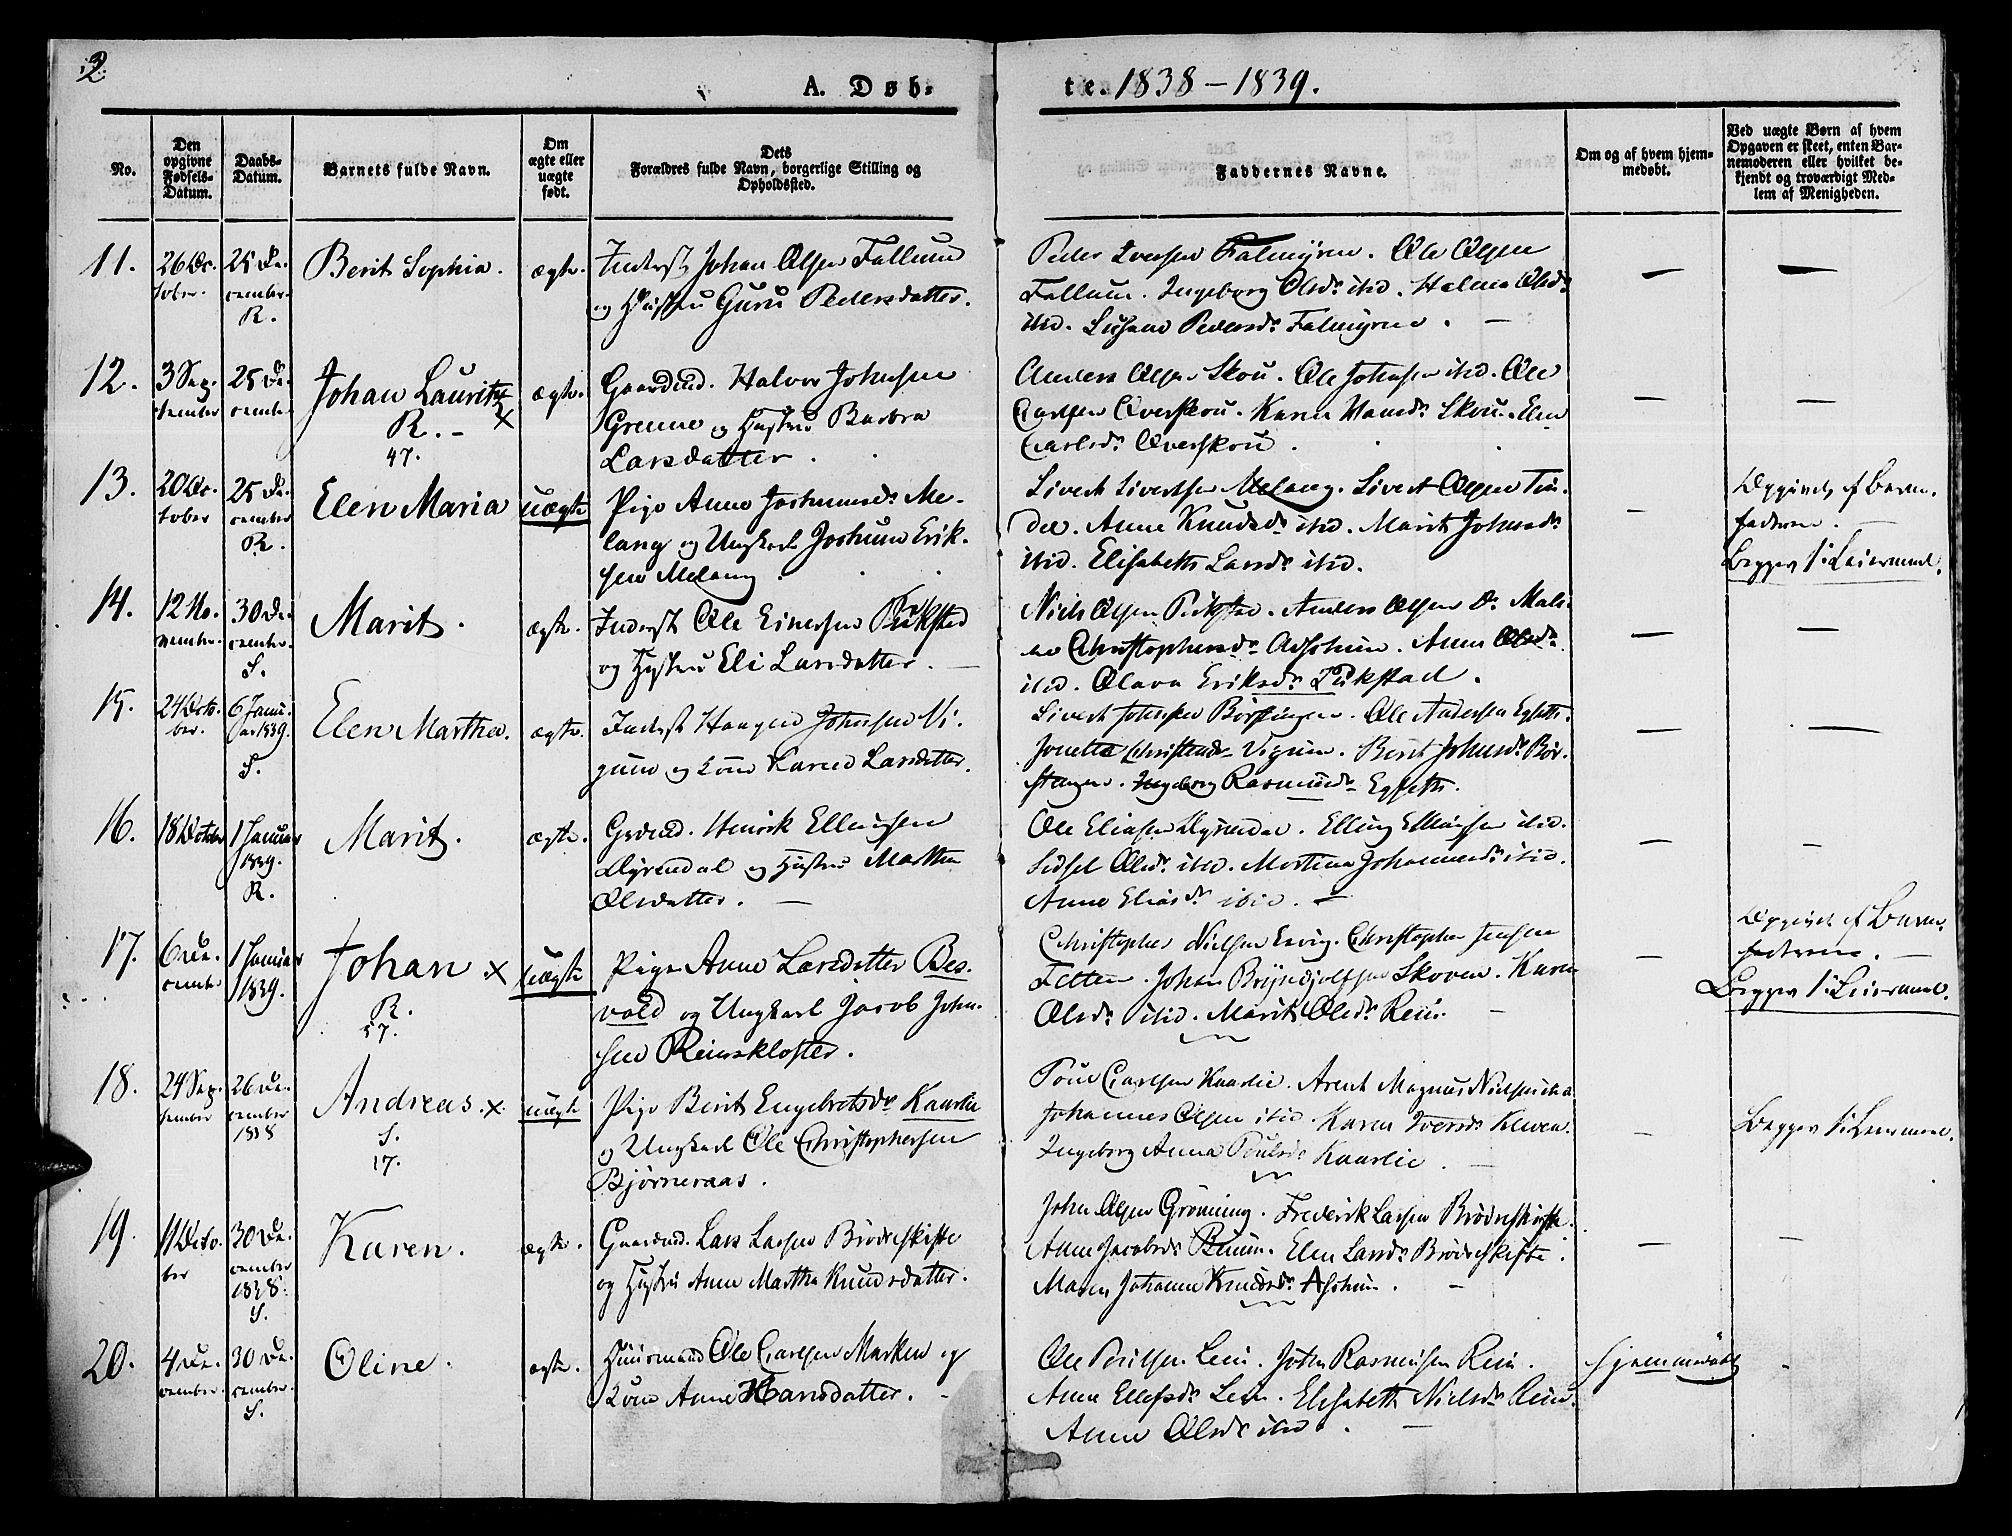 SAT, Ministerialprotokoller, klokkerbøker og fødselsregistre - Sør-Trøndelag, 646/L0610: Ministerialbok nr. 646A08, 1837-1847, s. 2